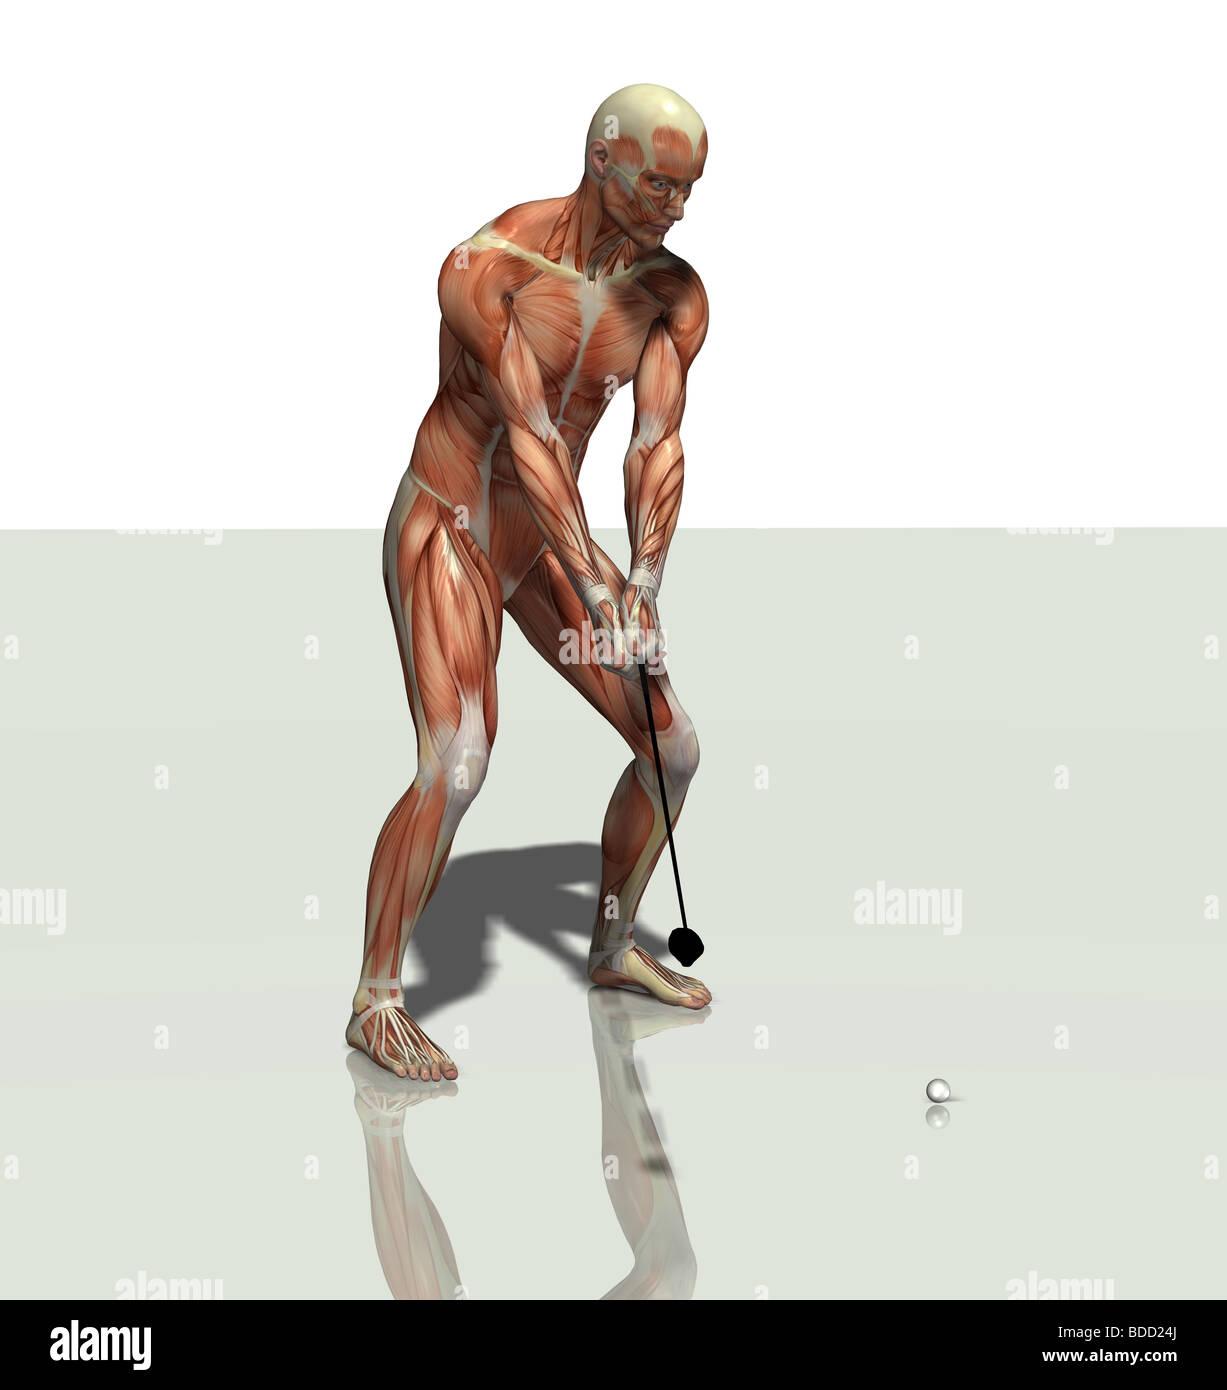 Fantastisch Muskelmann Diagramm Zeitgenössisch - Menschliche ...